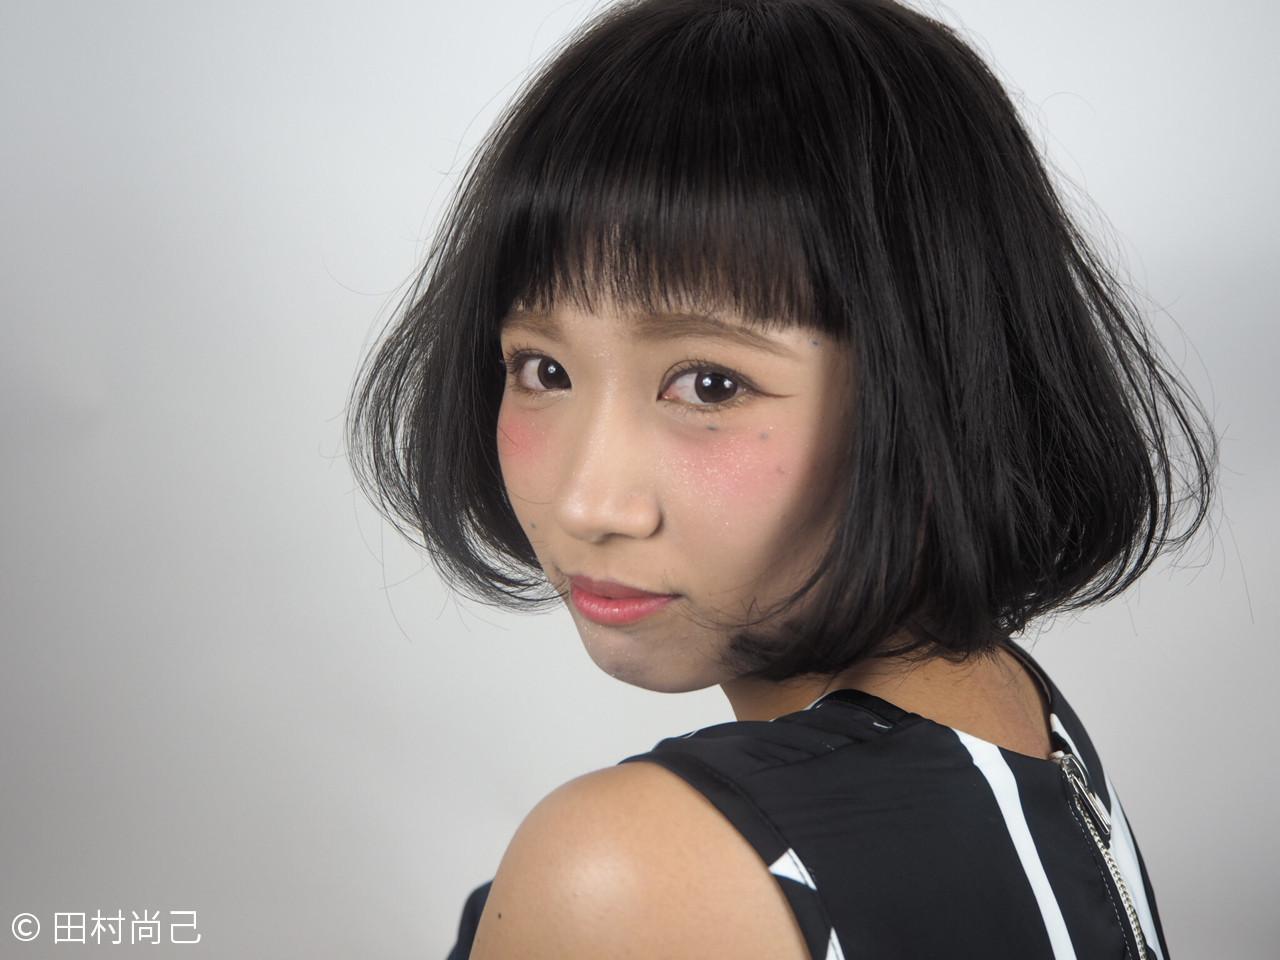 ショートバング×黒髪でふんわりキュートヘアに Naoki Tamura